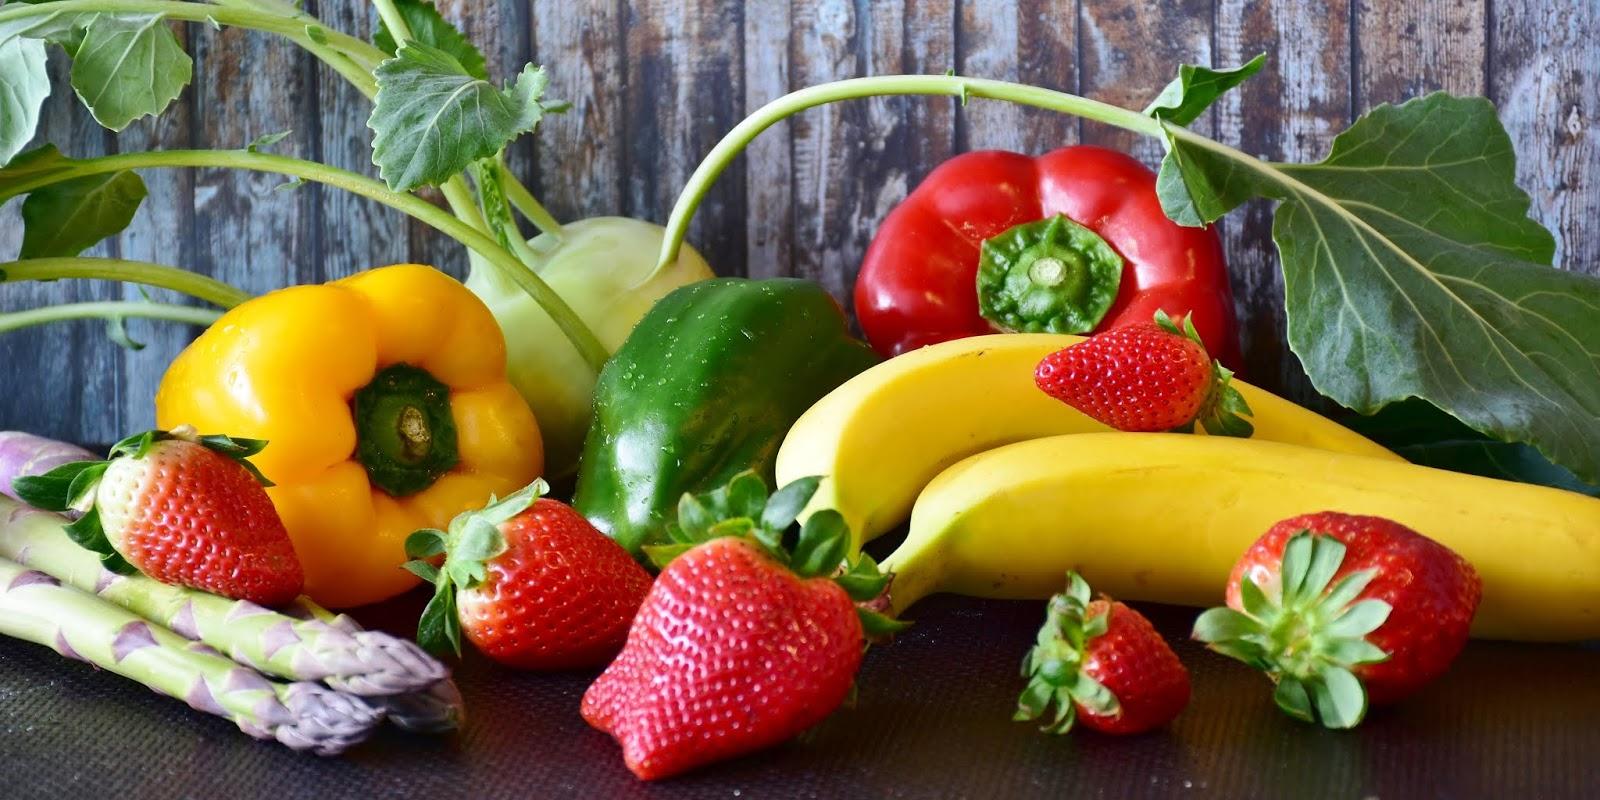 Construct an Effective Detox Diet